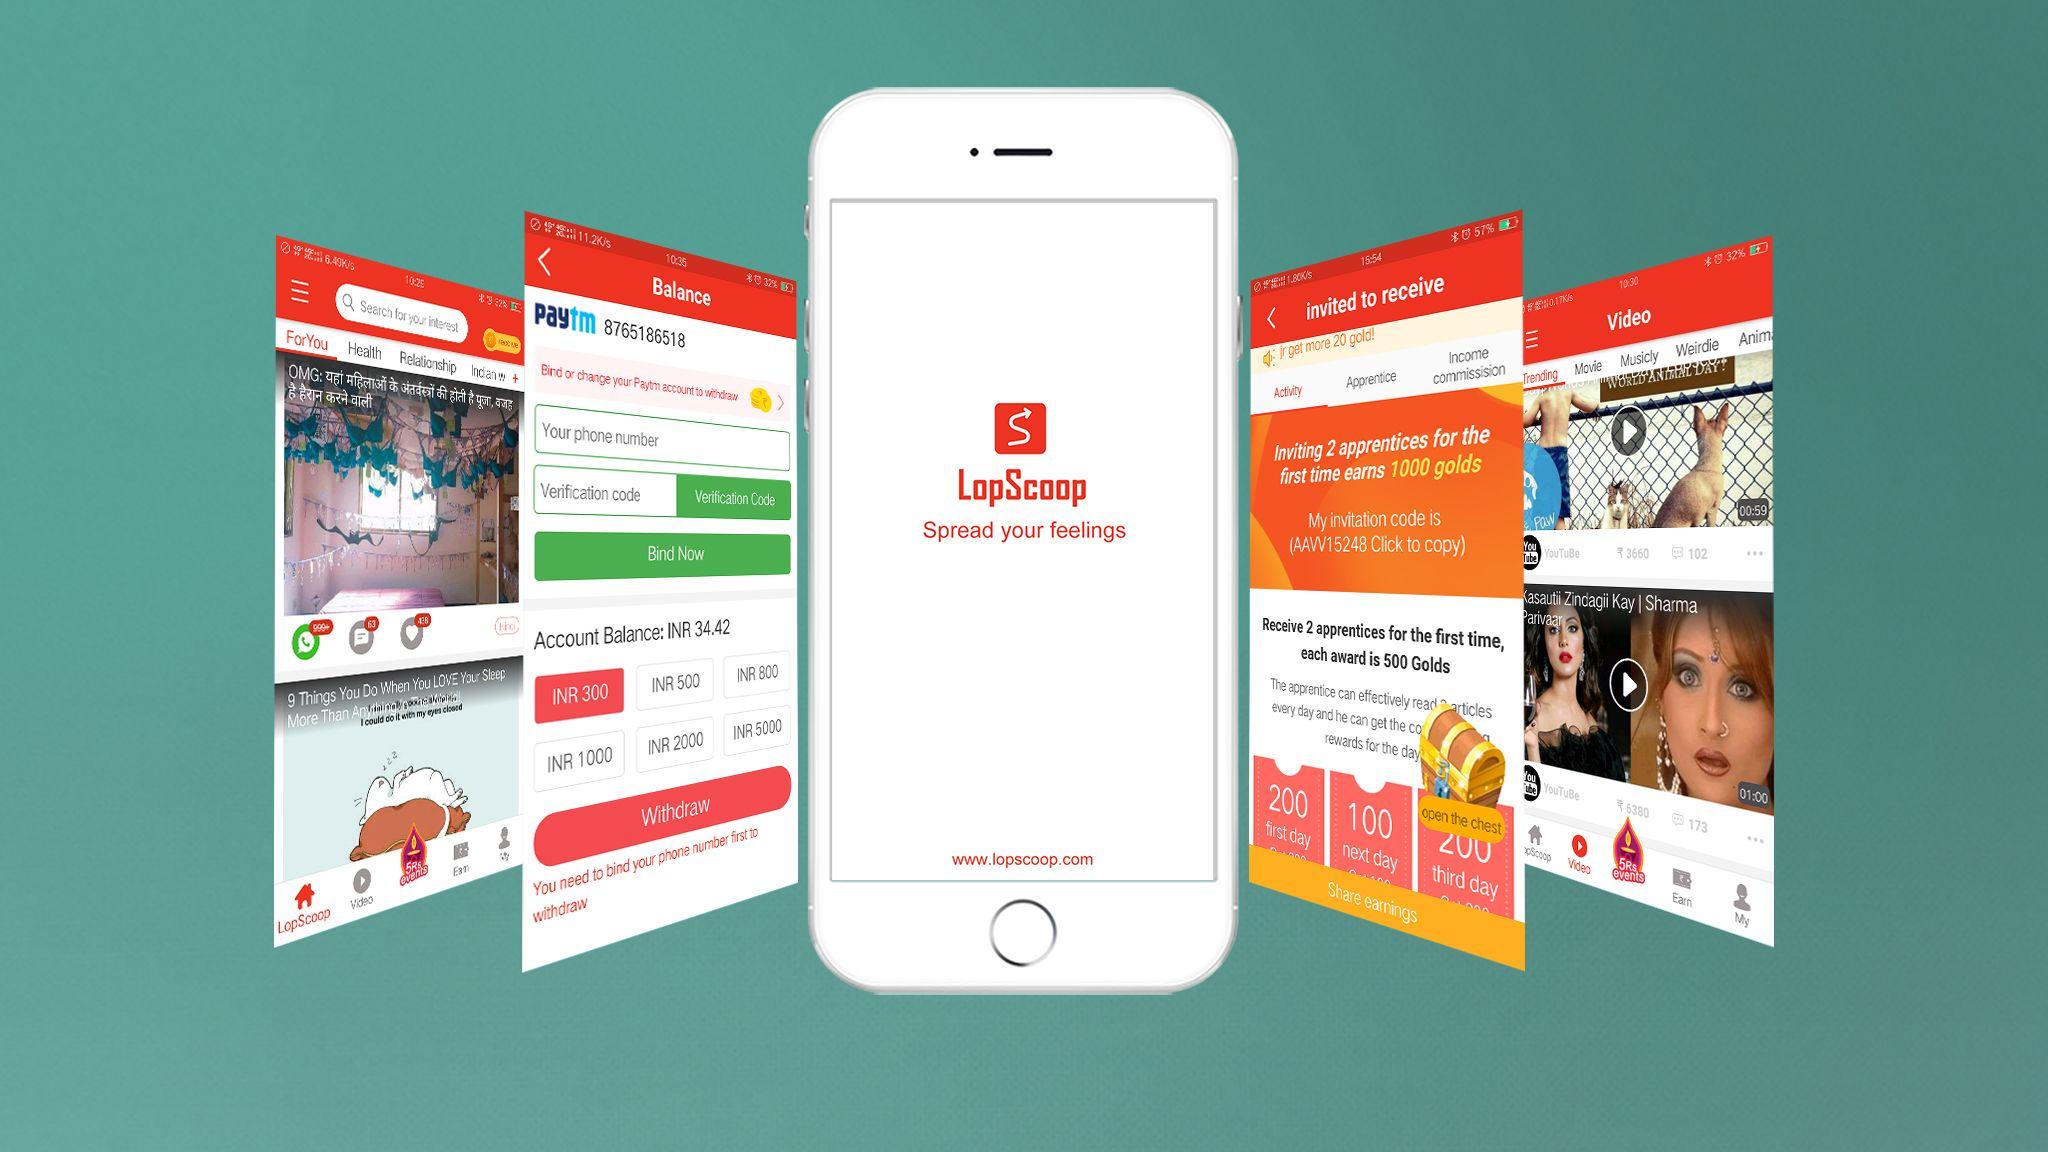 Lopscoop is India's best news app (न्यूज़ ऐप ) and